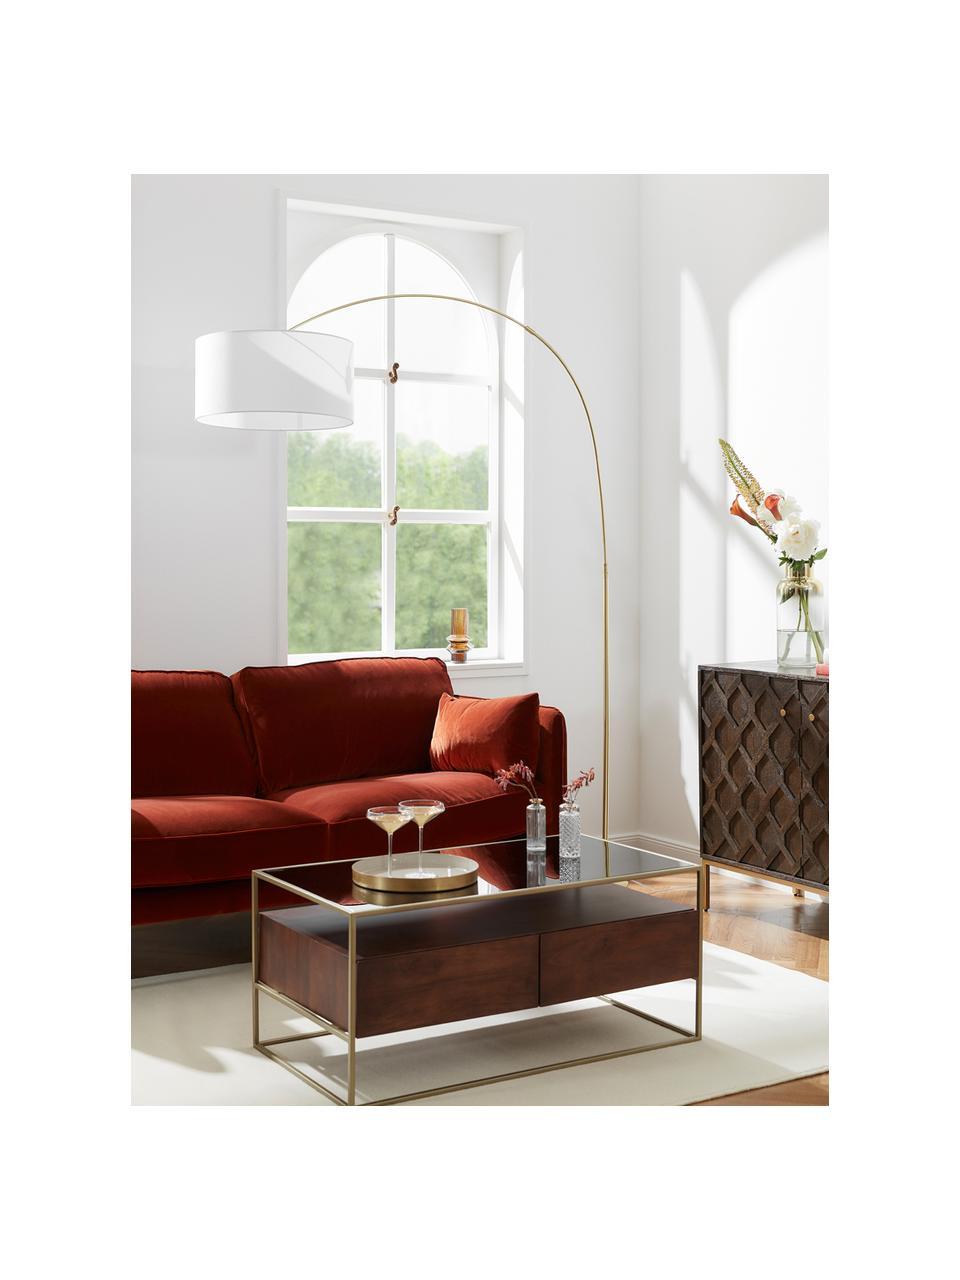 Veľká oblúková lampa Niels, Biela, mosadzné odtiene, priehľadná